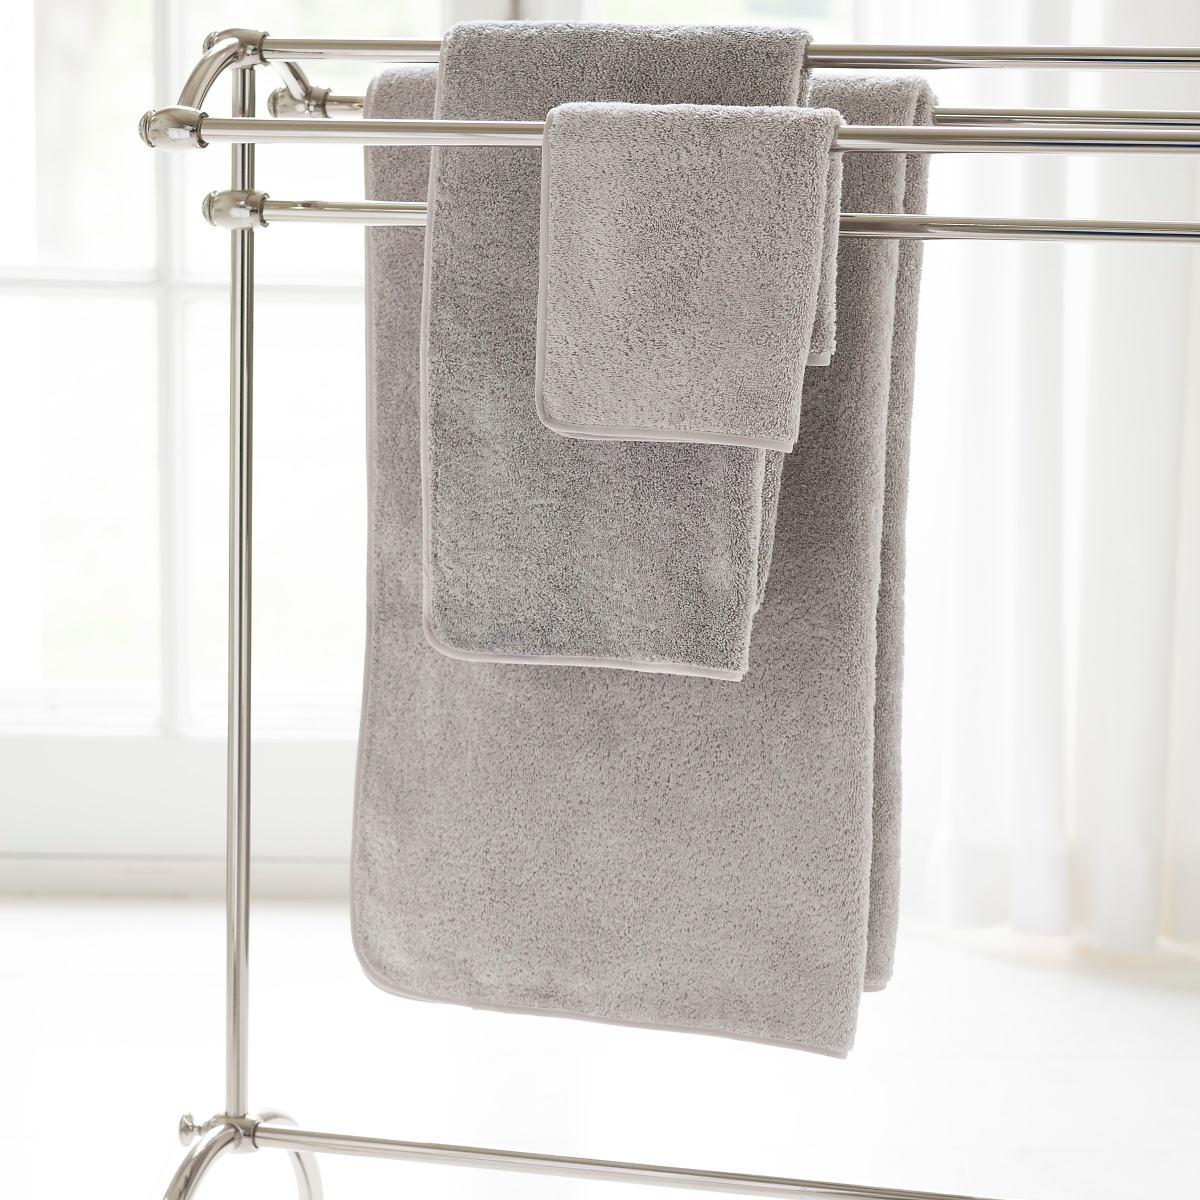 Primo Zinc Towel